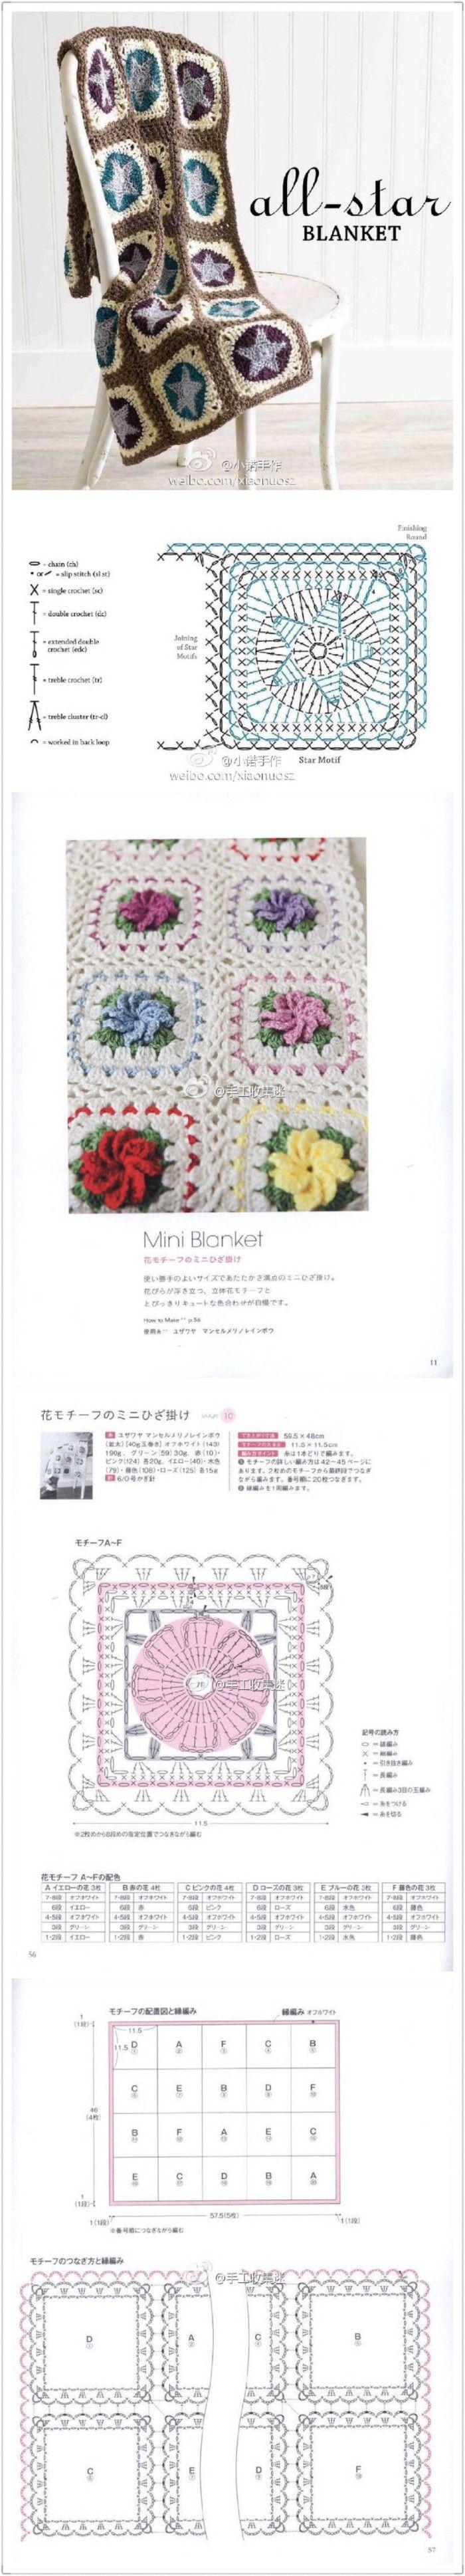 75 best Trapillo images on Pinterest   Crochet granny, Crochet ...